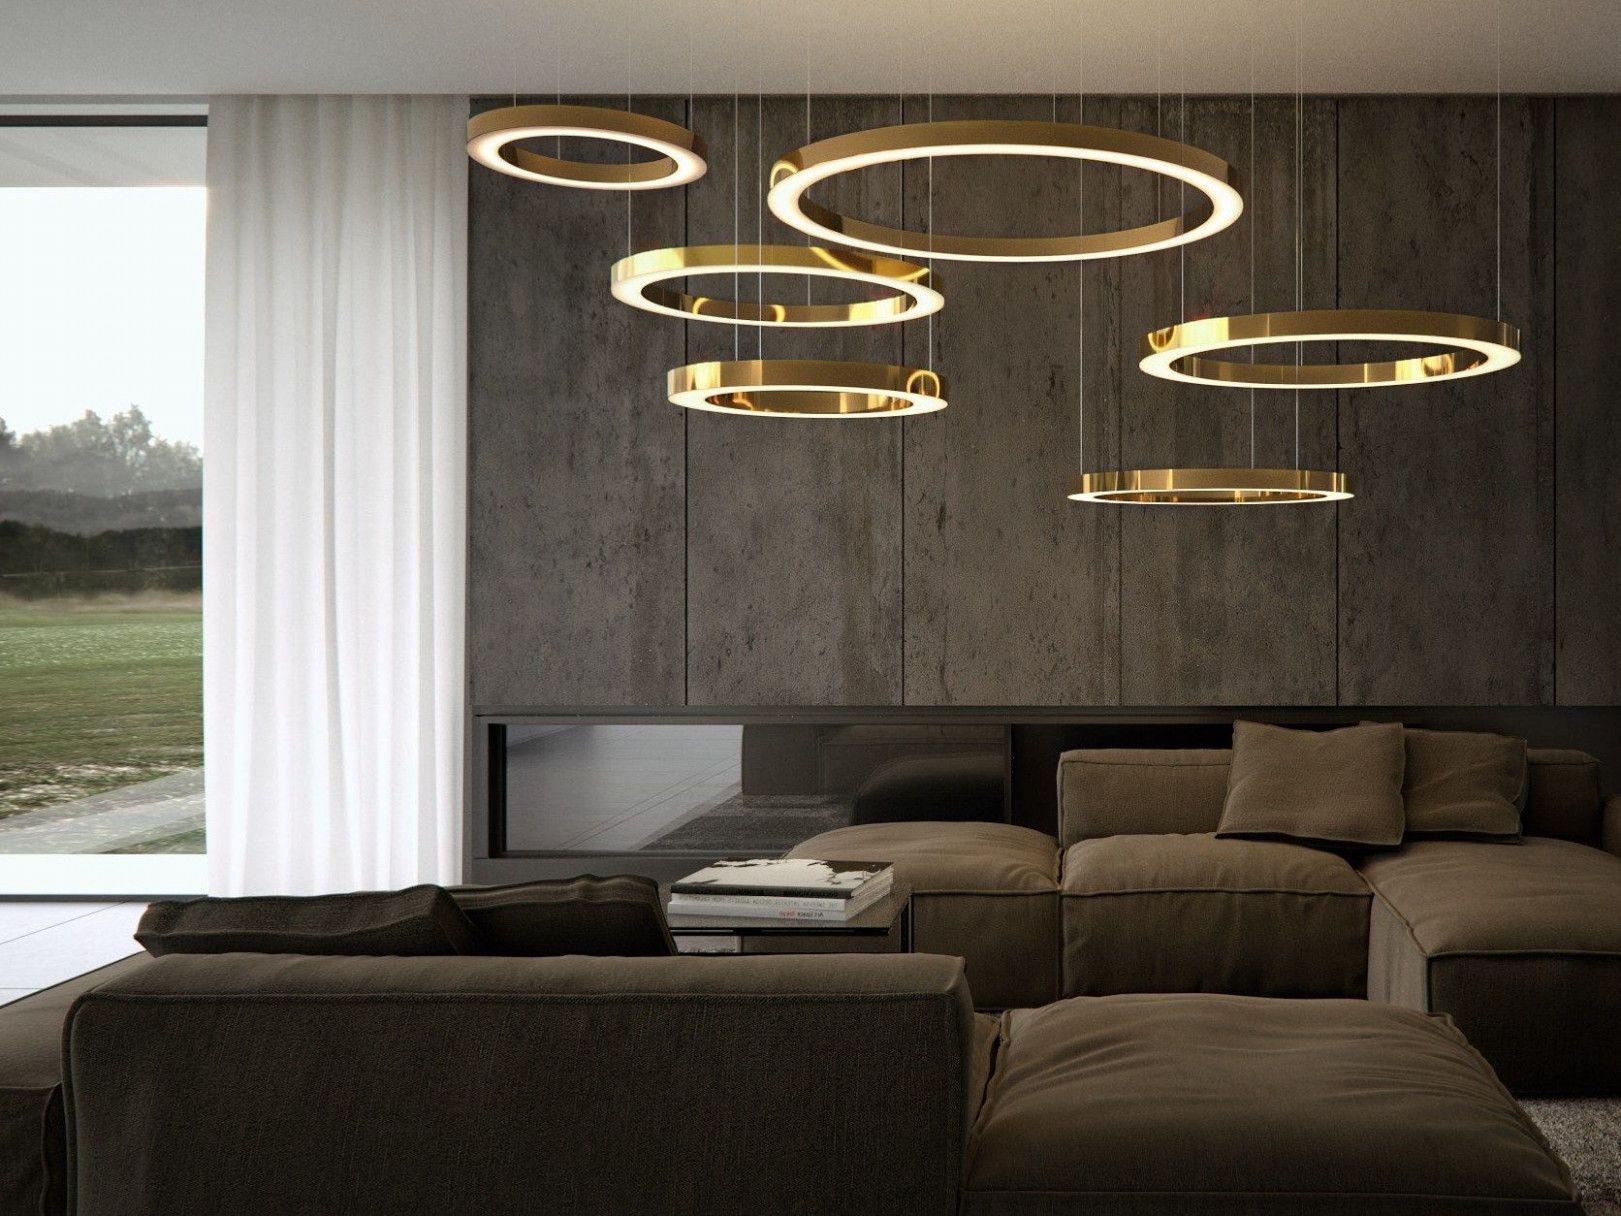 Zehn Wichtige Lektionen Furs Leben Wohnzimmer Lampe Design Brachte